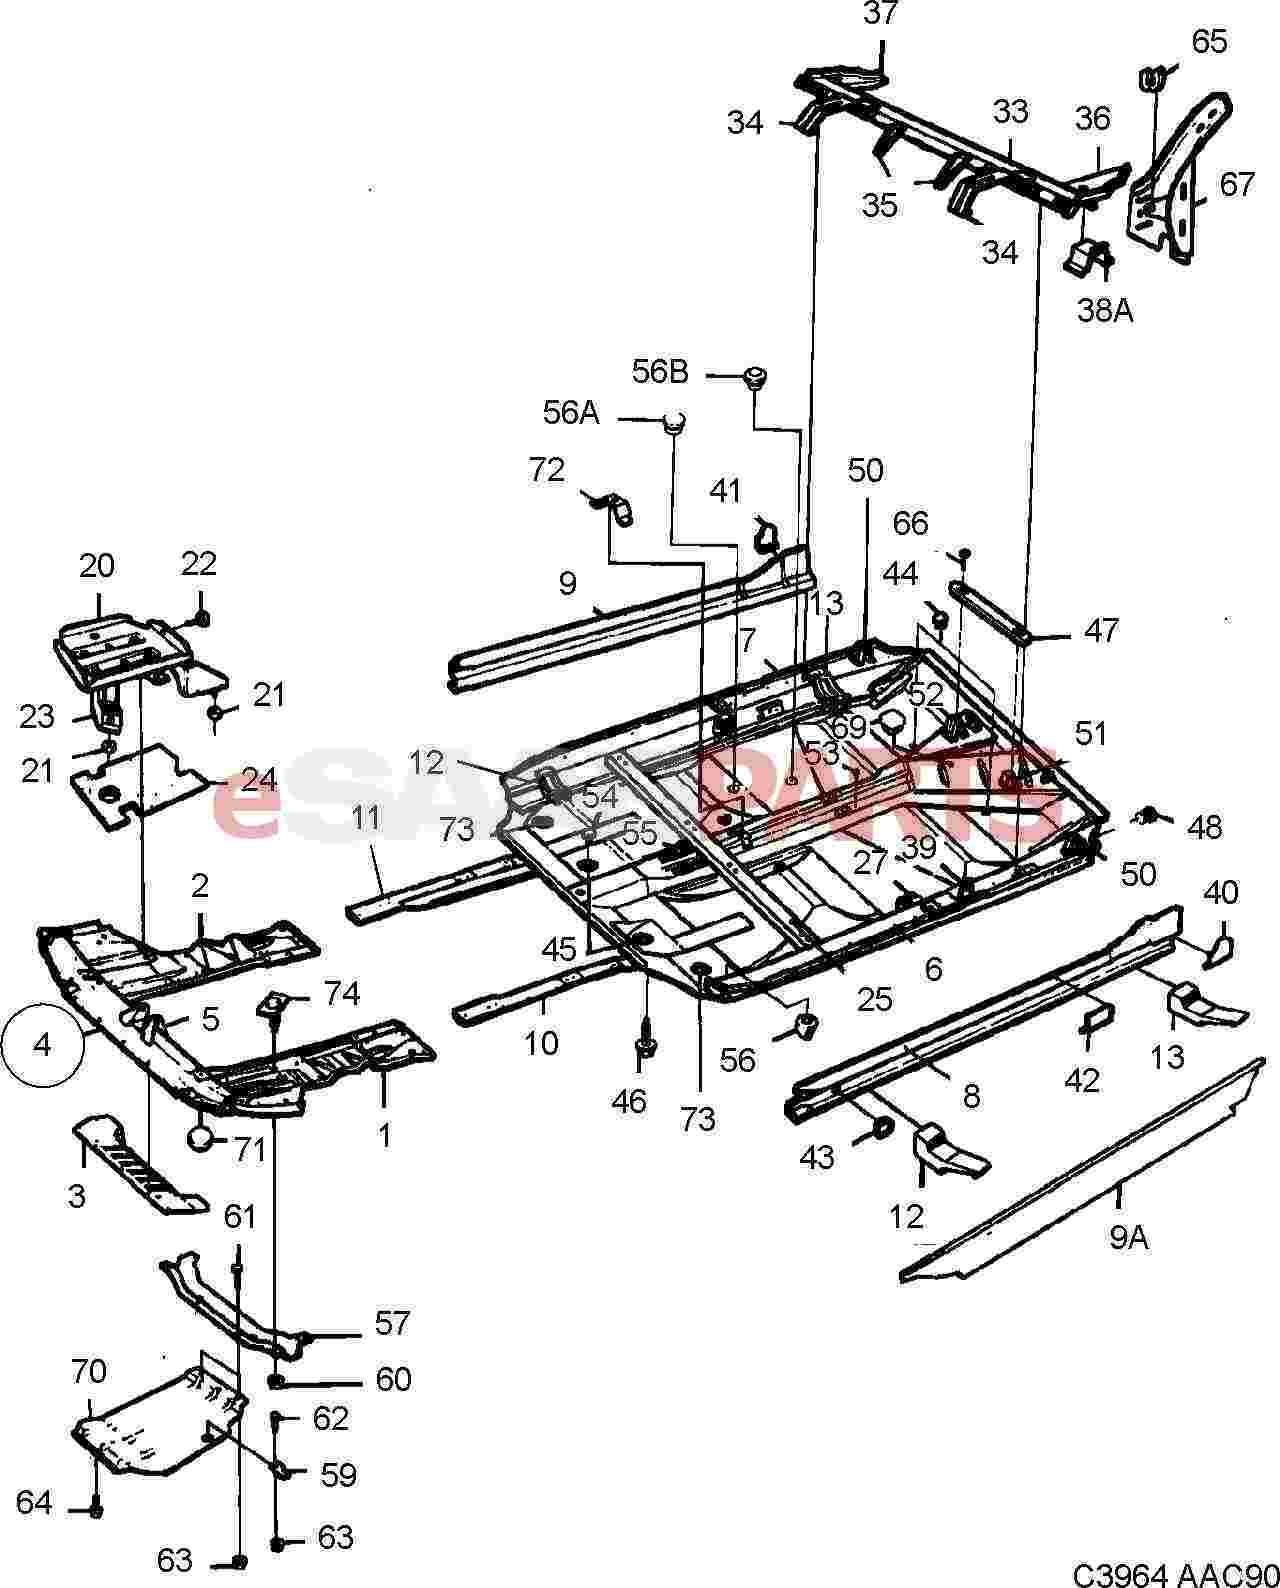 esaabparts com saab 900 u003e car body external parts u003e body parts rh esaabparts com saab 900 parts list Saab 900 Classic